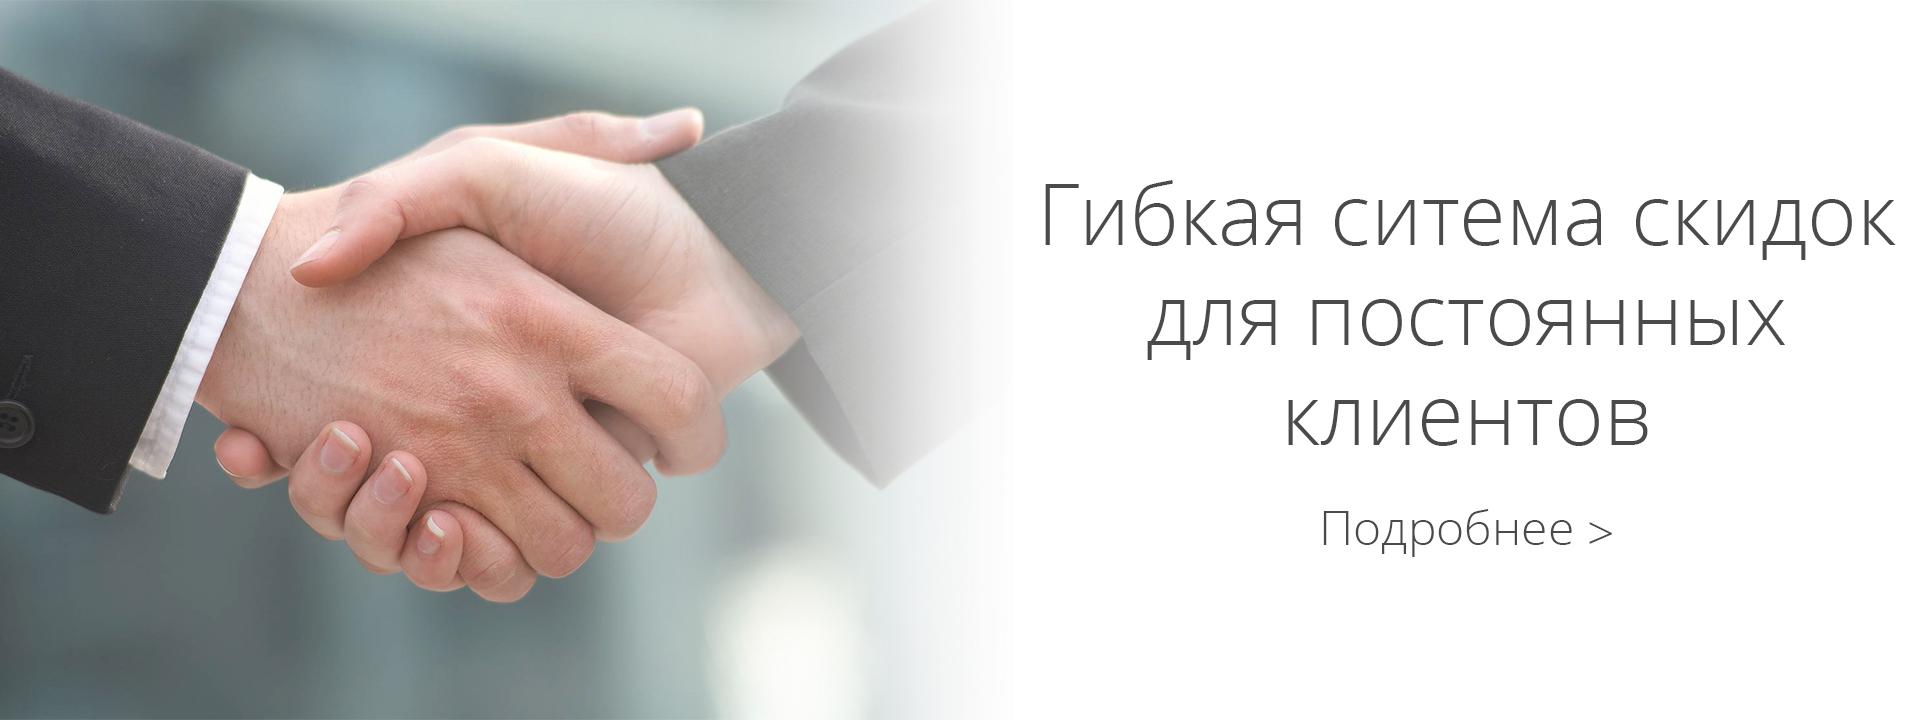 gibkaya-sistema-skidok-dlya-postoyannyh-klientov